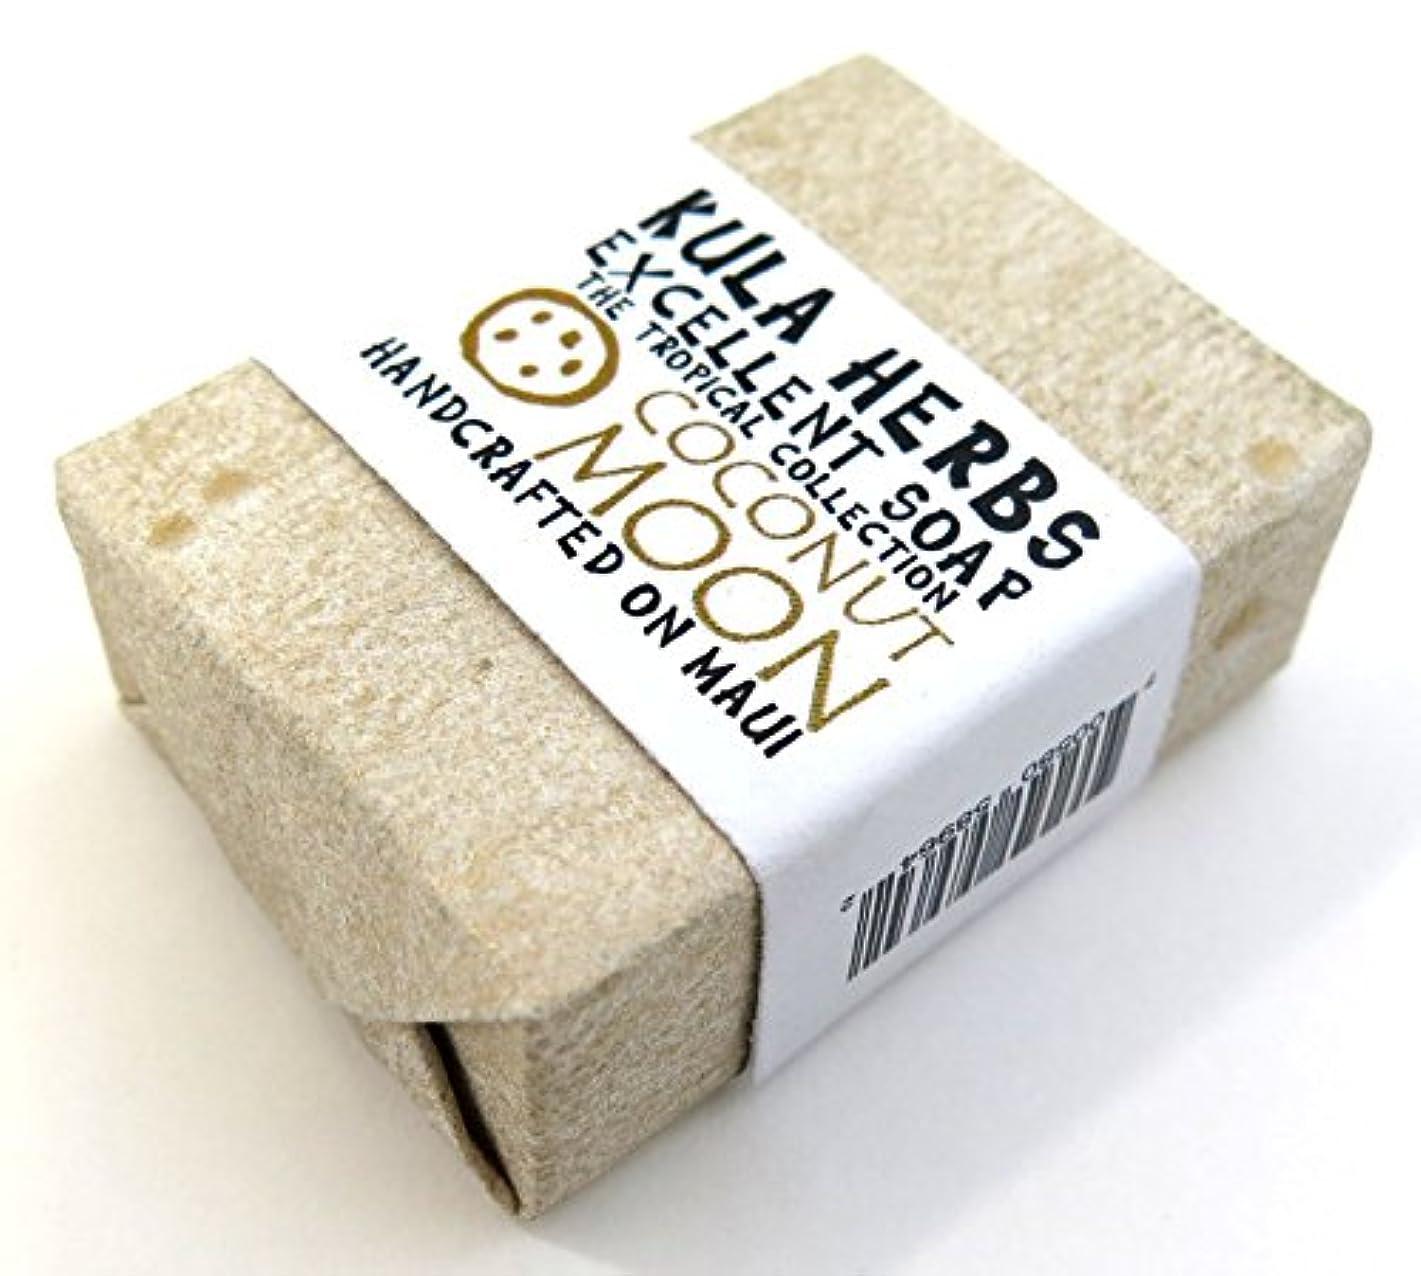 スタジアム予防接種する年次ハワイ お土産 ハワイアン雑貨 クラハーブス エクセレント ソープ 石鹸 30g (ココナッツ)